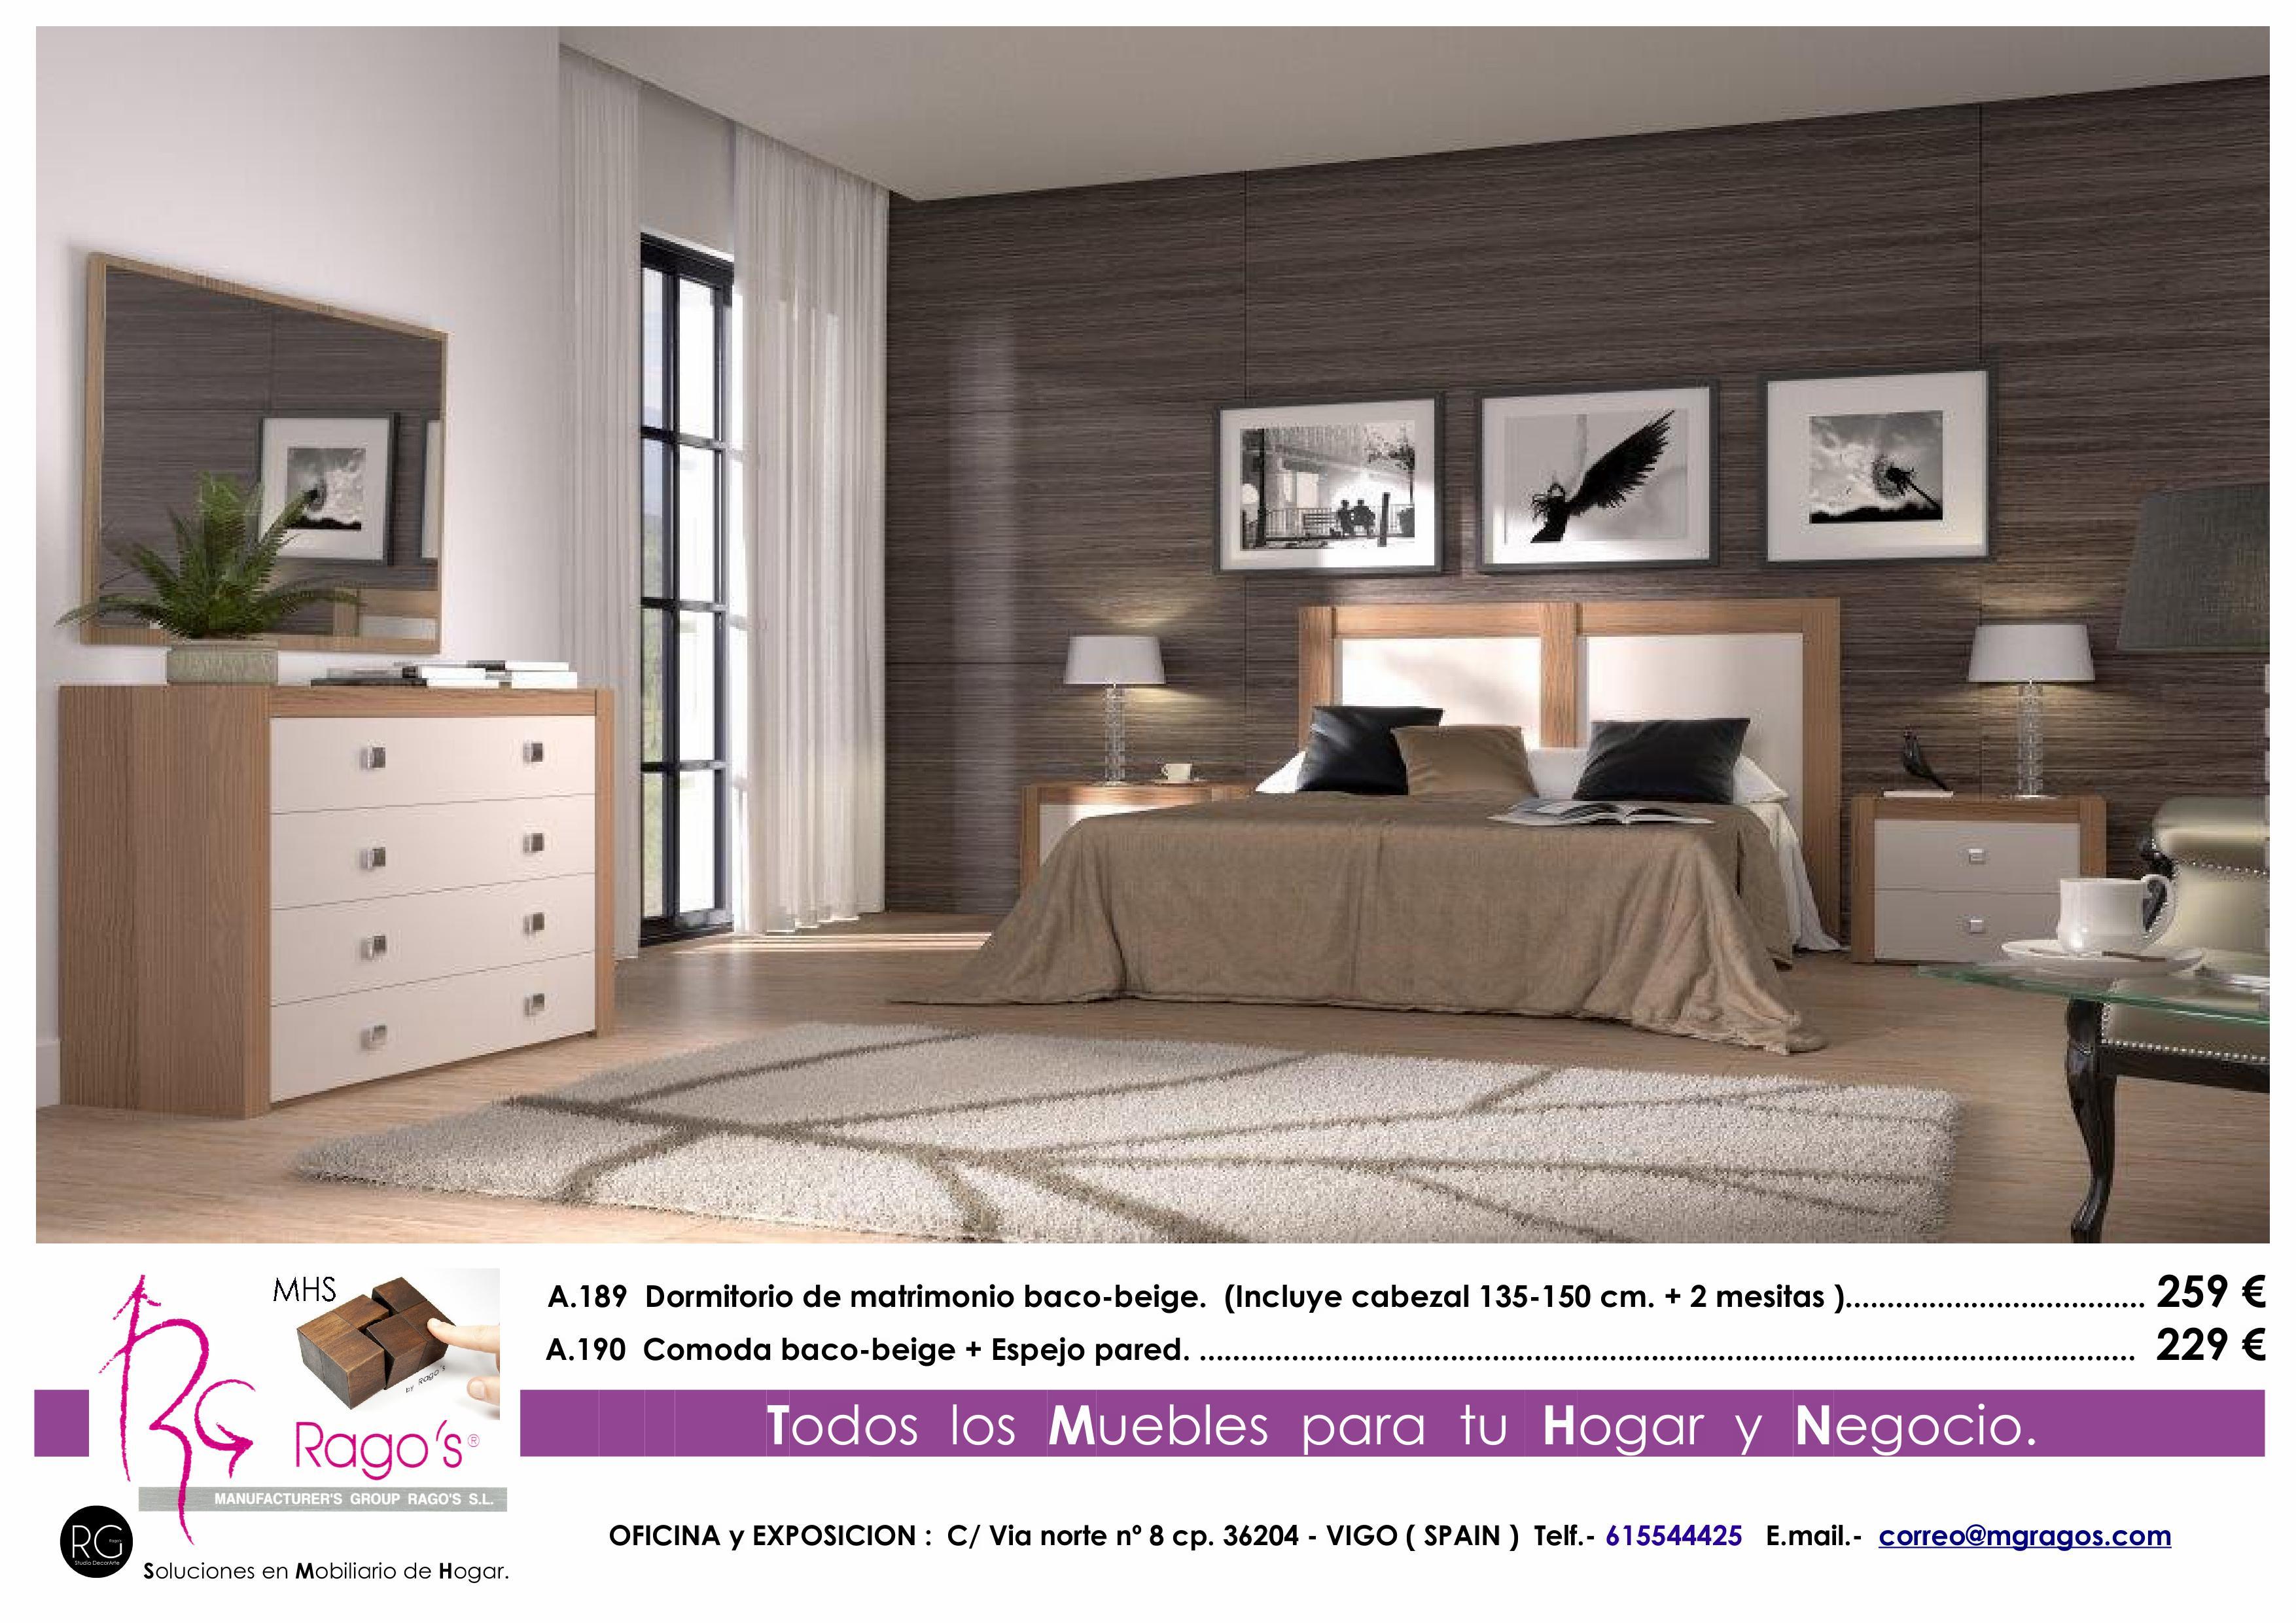 A.189-A.190 Dormitorio (Cabezal+Mesitas - Comoda+Espejo) Pag. nº 2